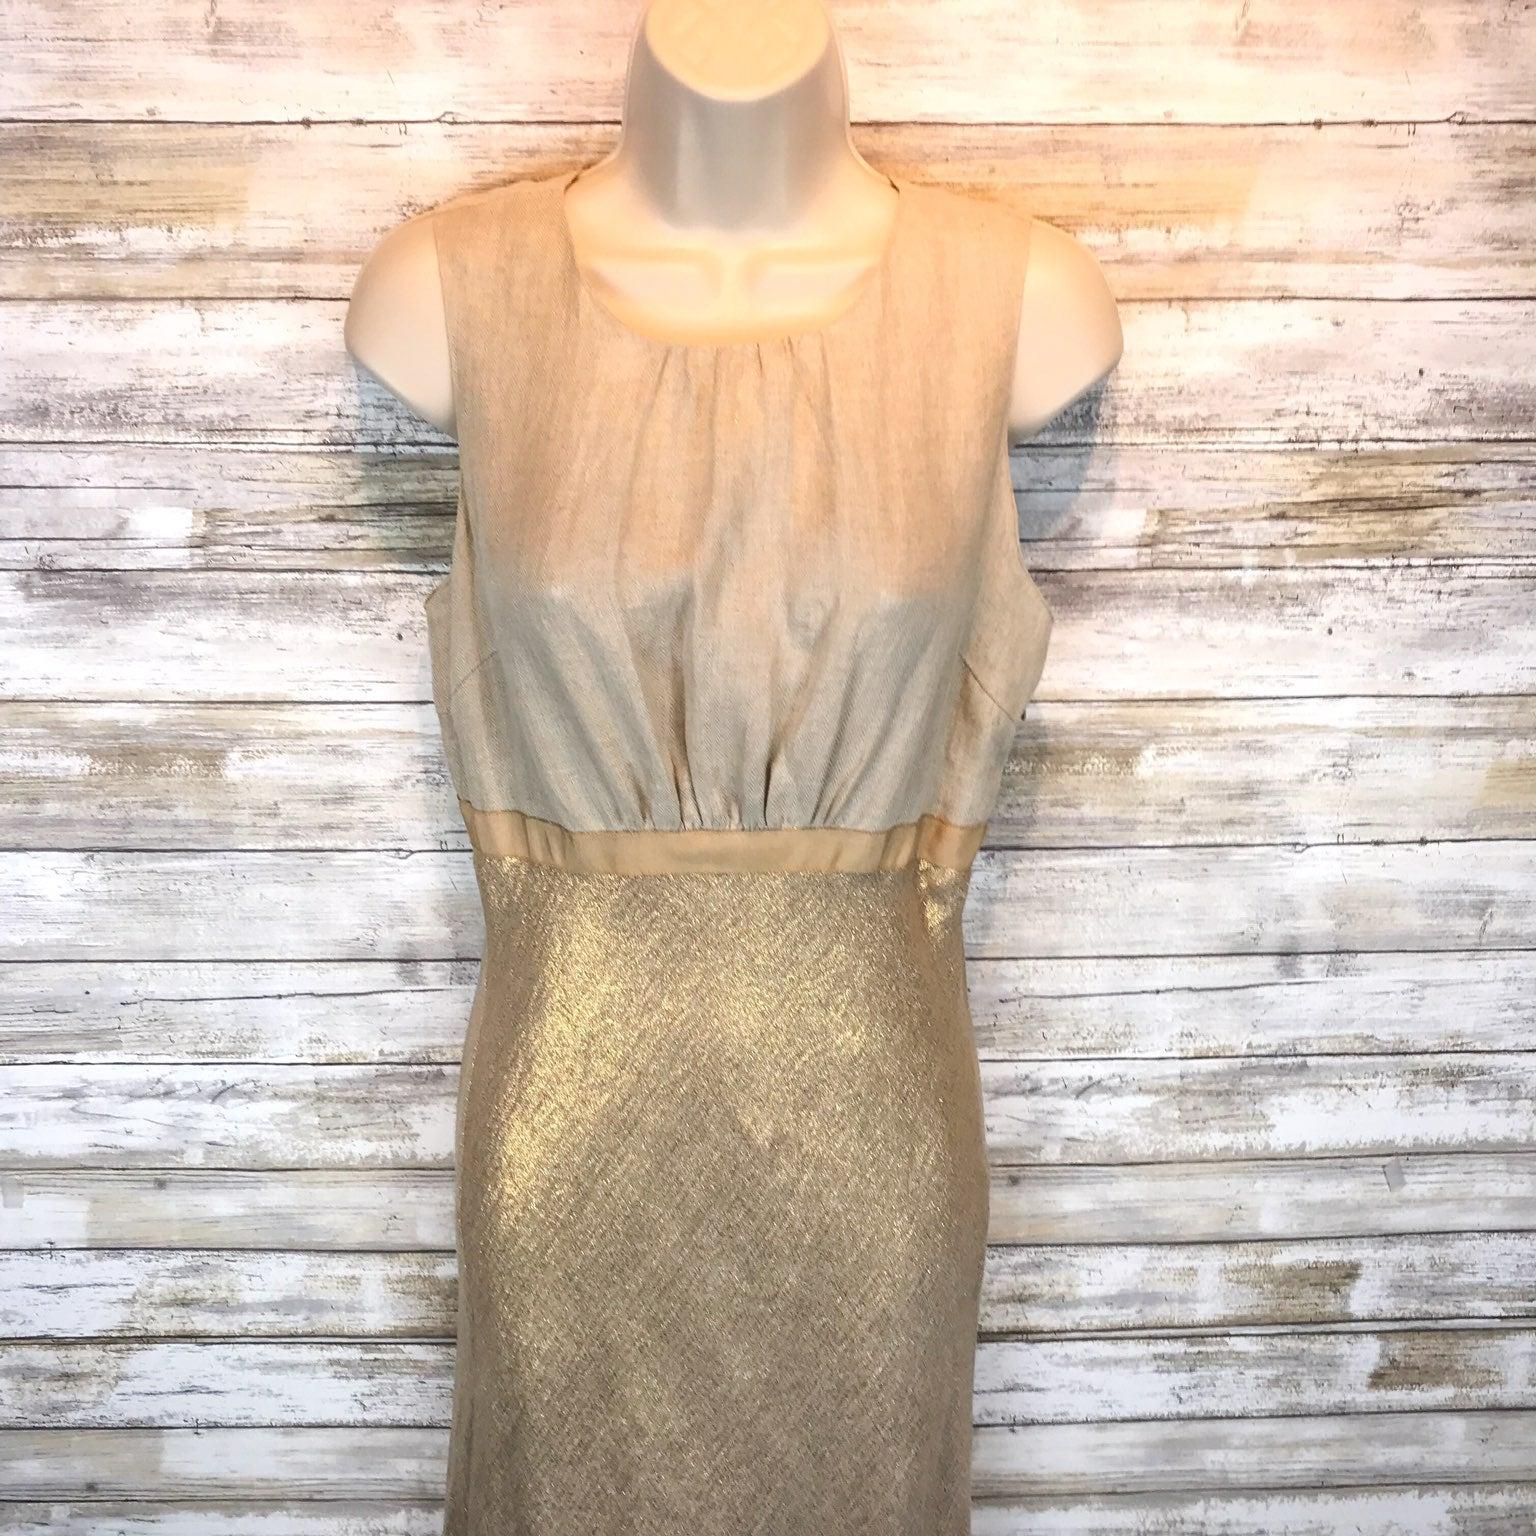 Tory Burch Gold Linen Dress Sz 6